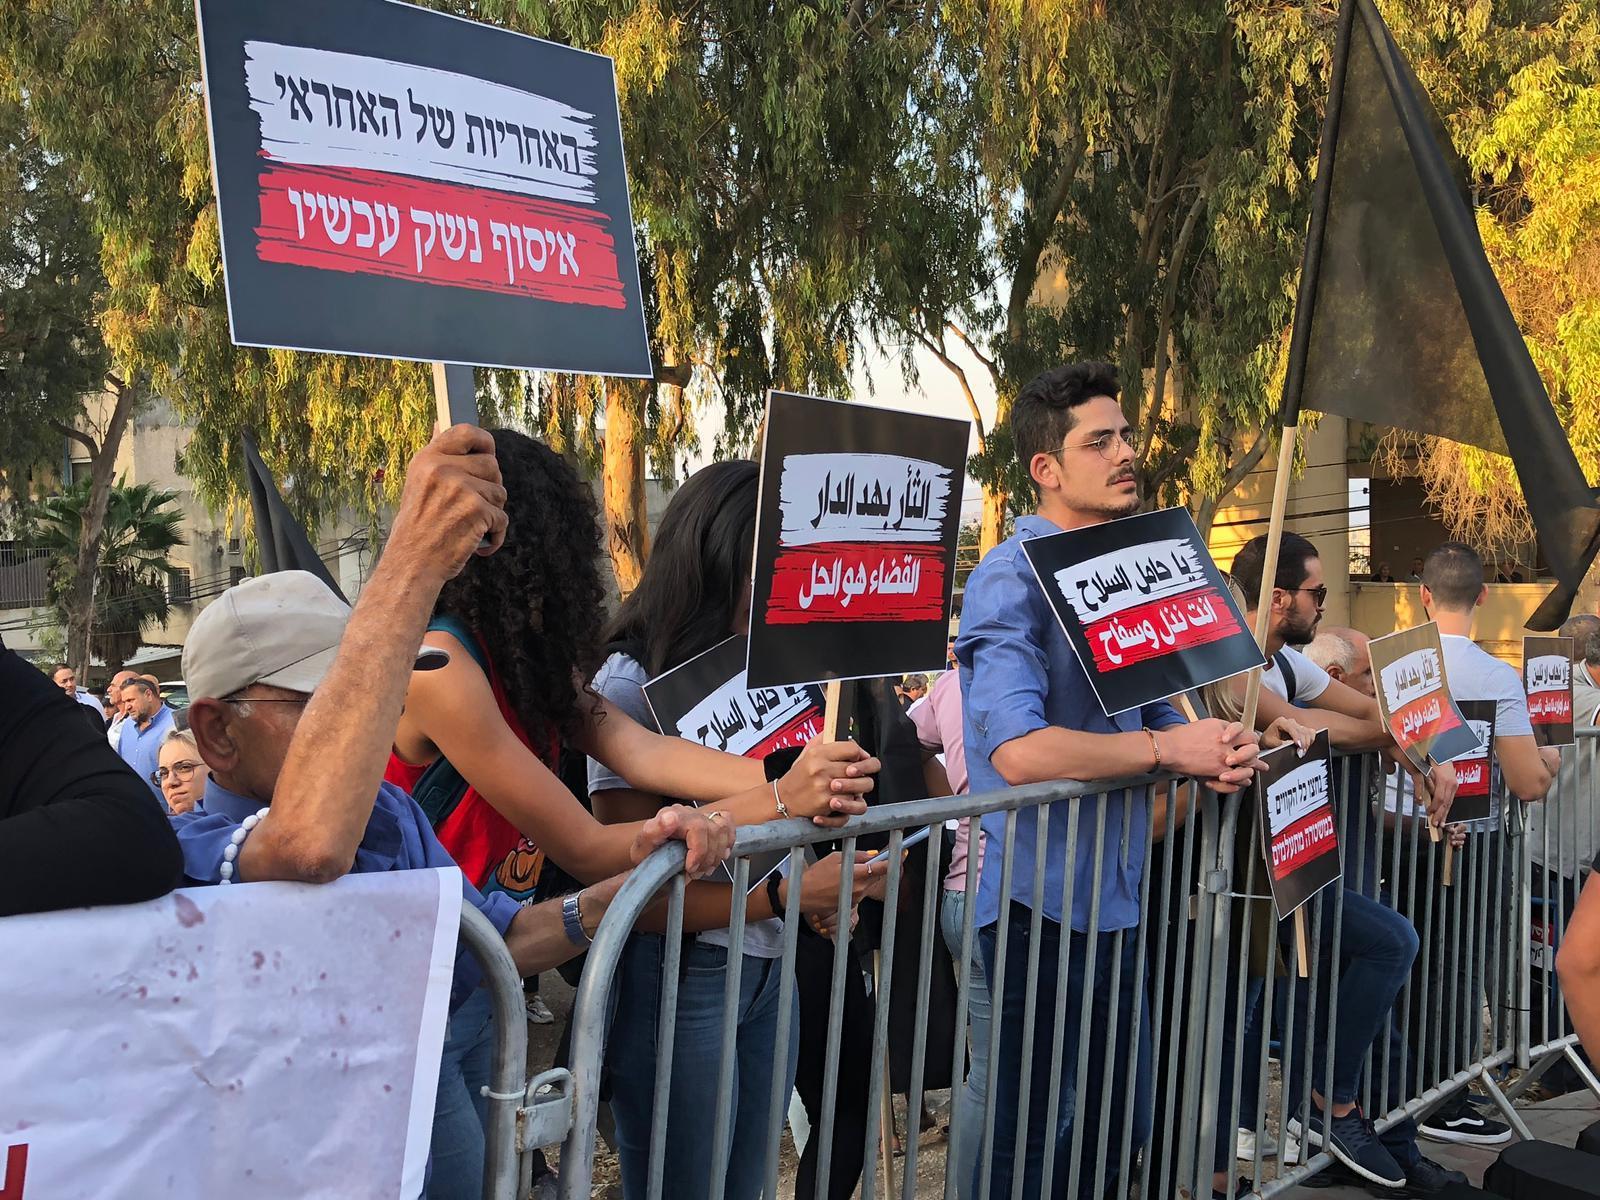 الناصرة: مظاهرة قطرية ضد العنف وتواطؤ الشرطة